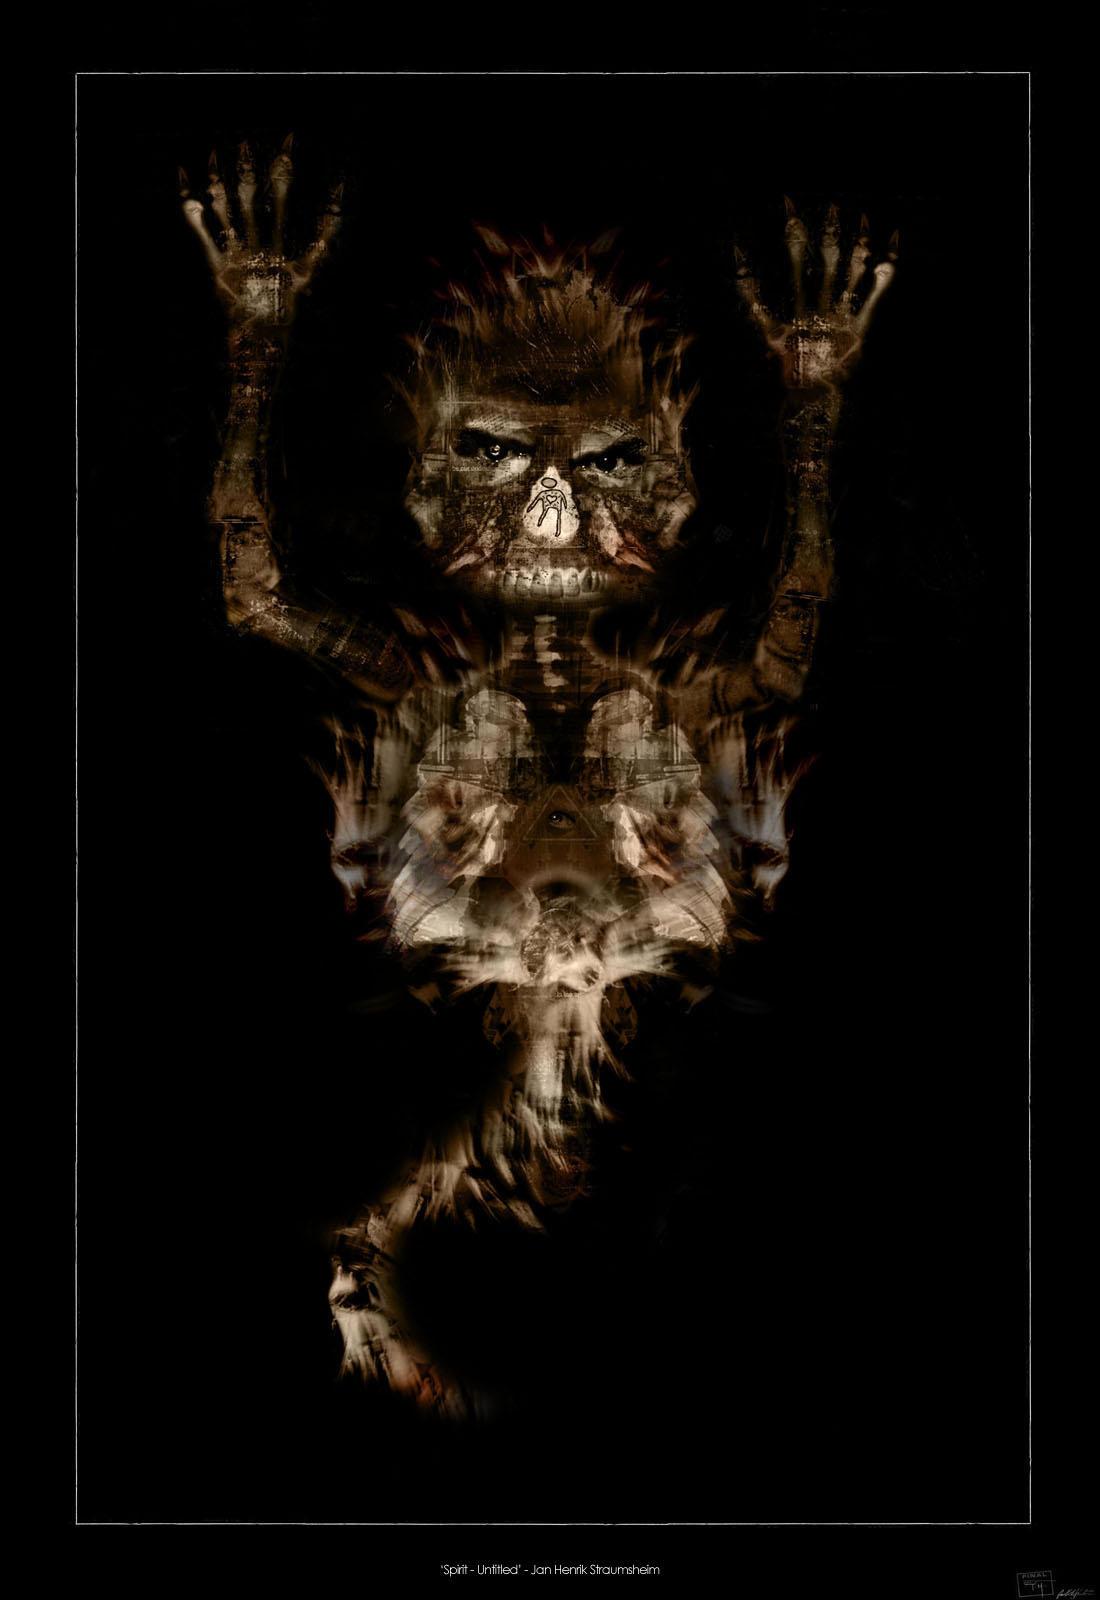 Spirit - Untitled by necron